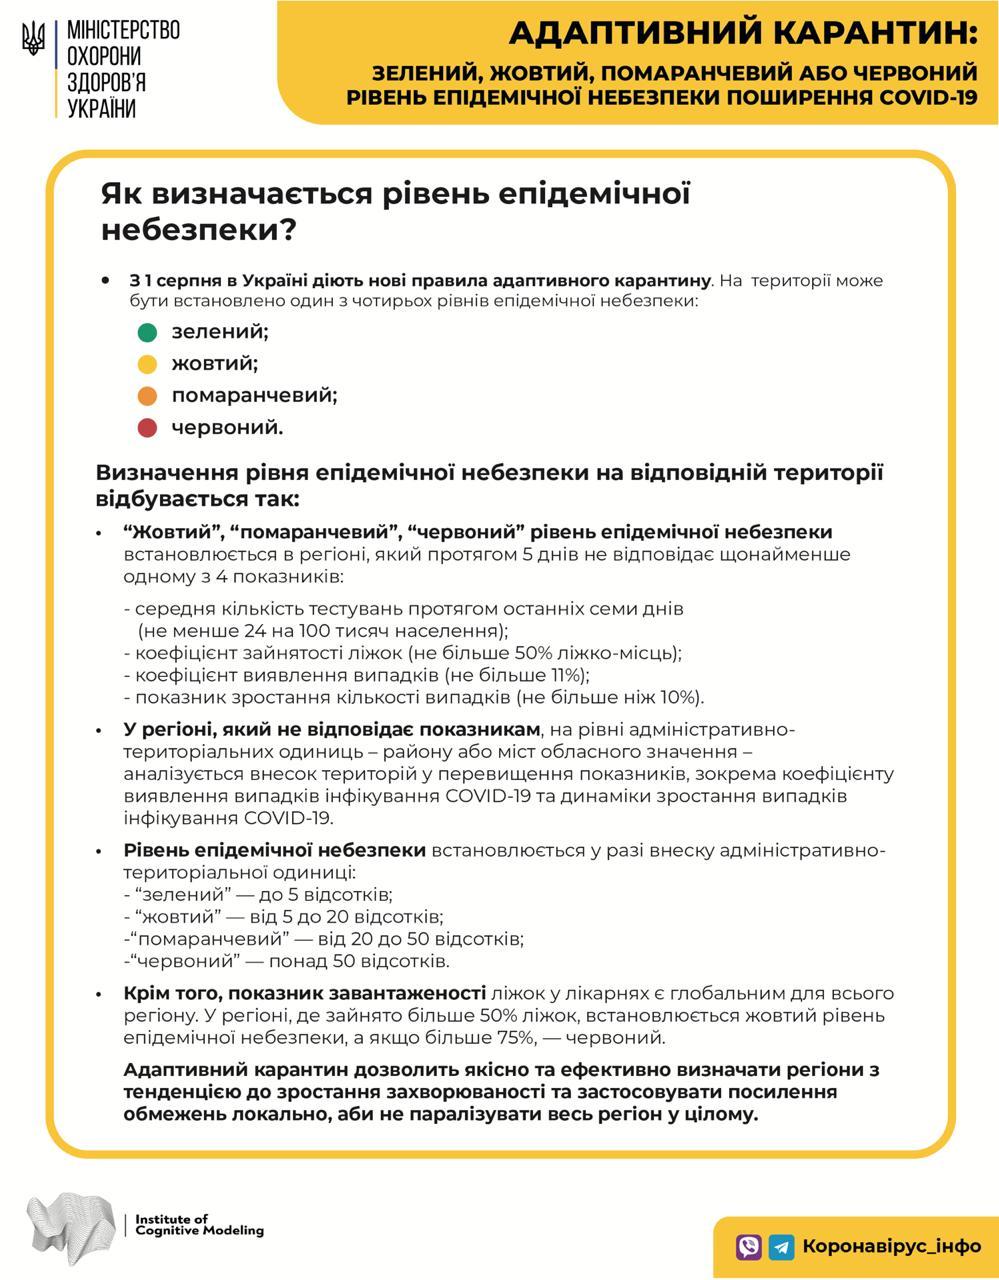 Міністр охорони здоров'я України роз'яснив, як поводити себе під час адаптивного карантину, фото-1